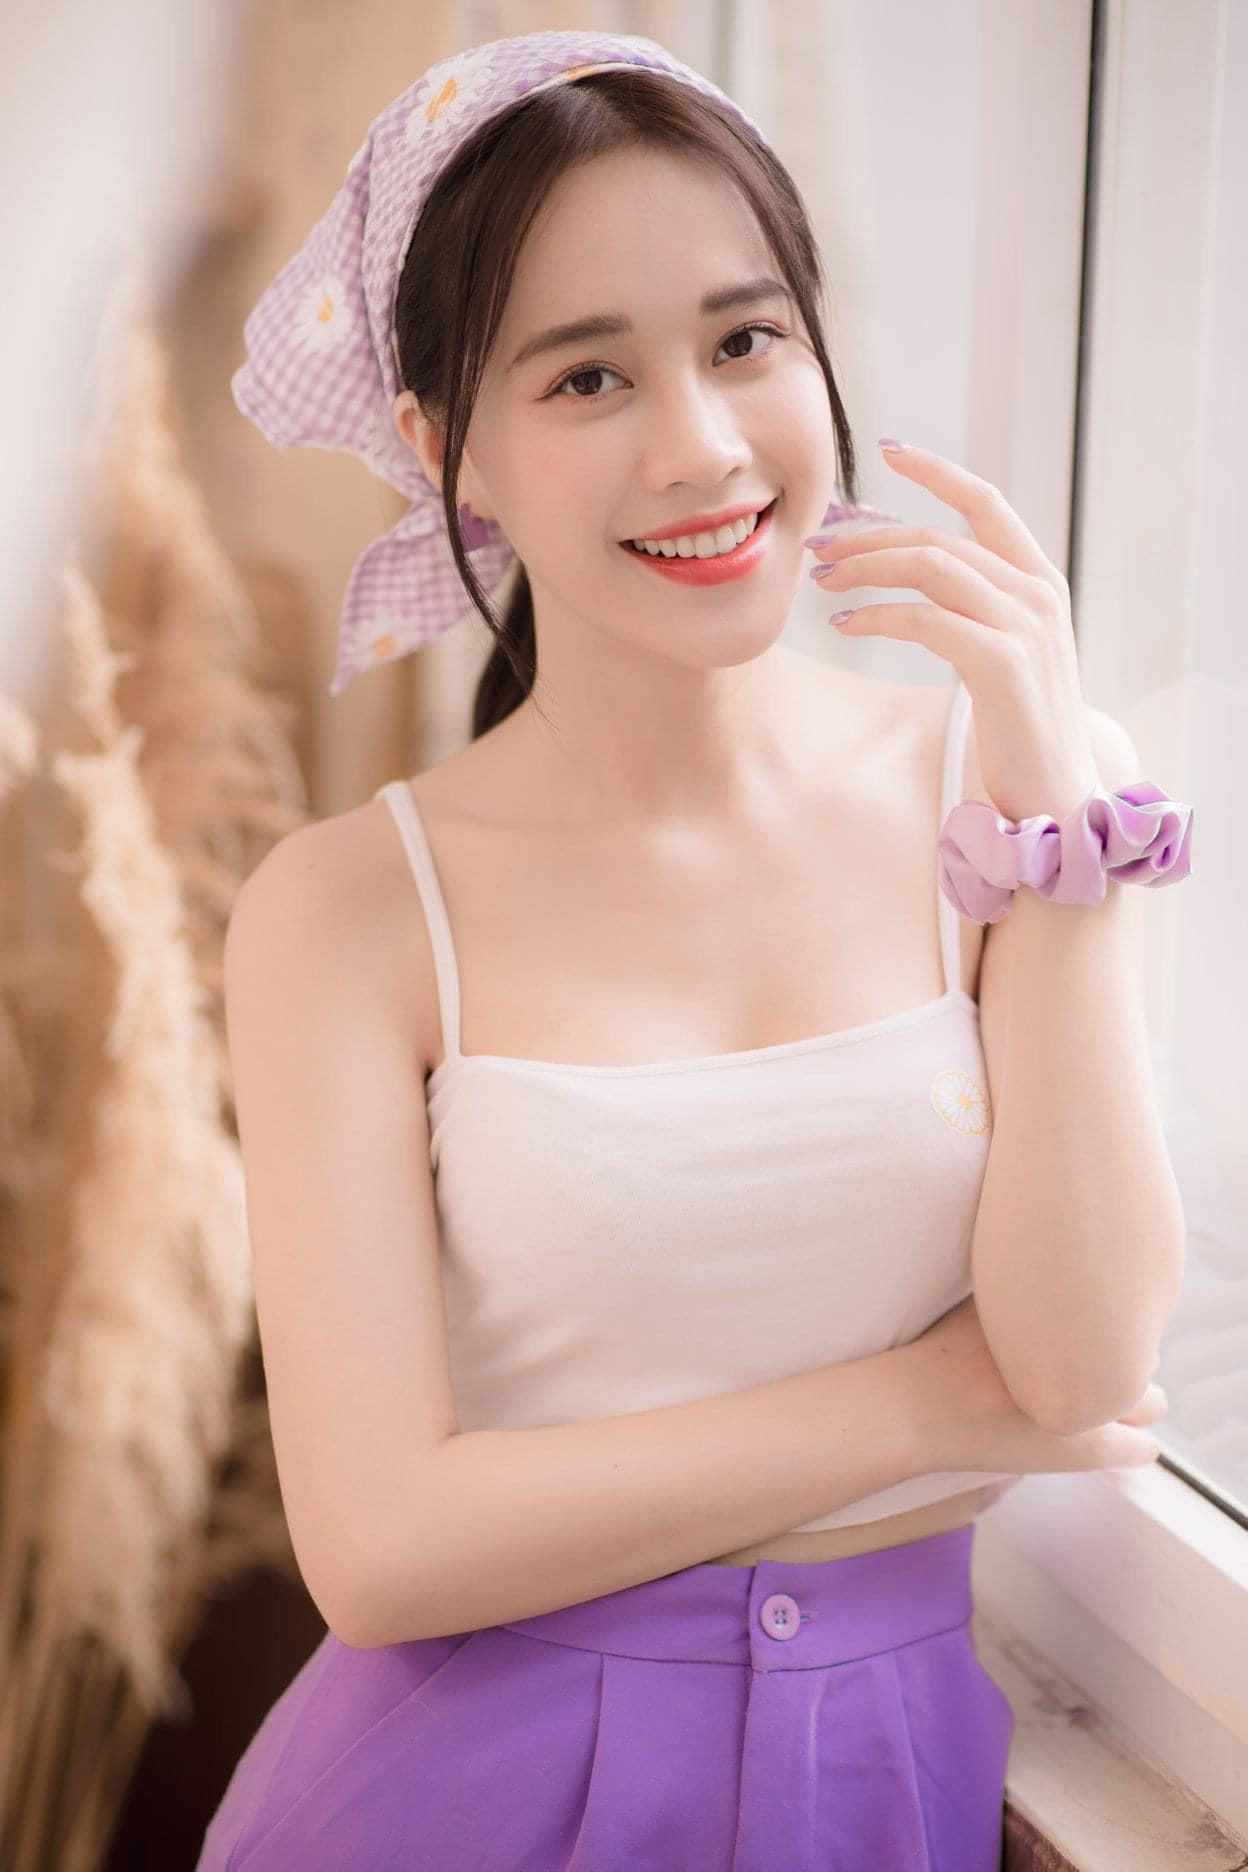 Nữ MC VTV xinh đẹp tựa nữ thần bỗng nhiên là thí sinh Hoa hậu Việt Nam 2020 vì lý do không ngờ là ai? - Ảnh 7.